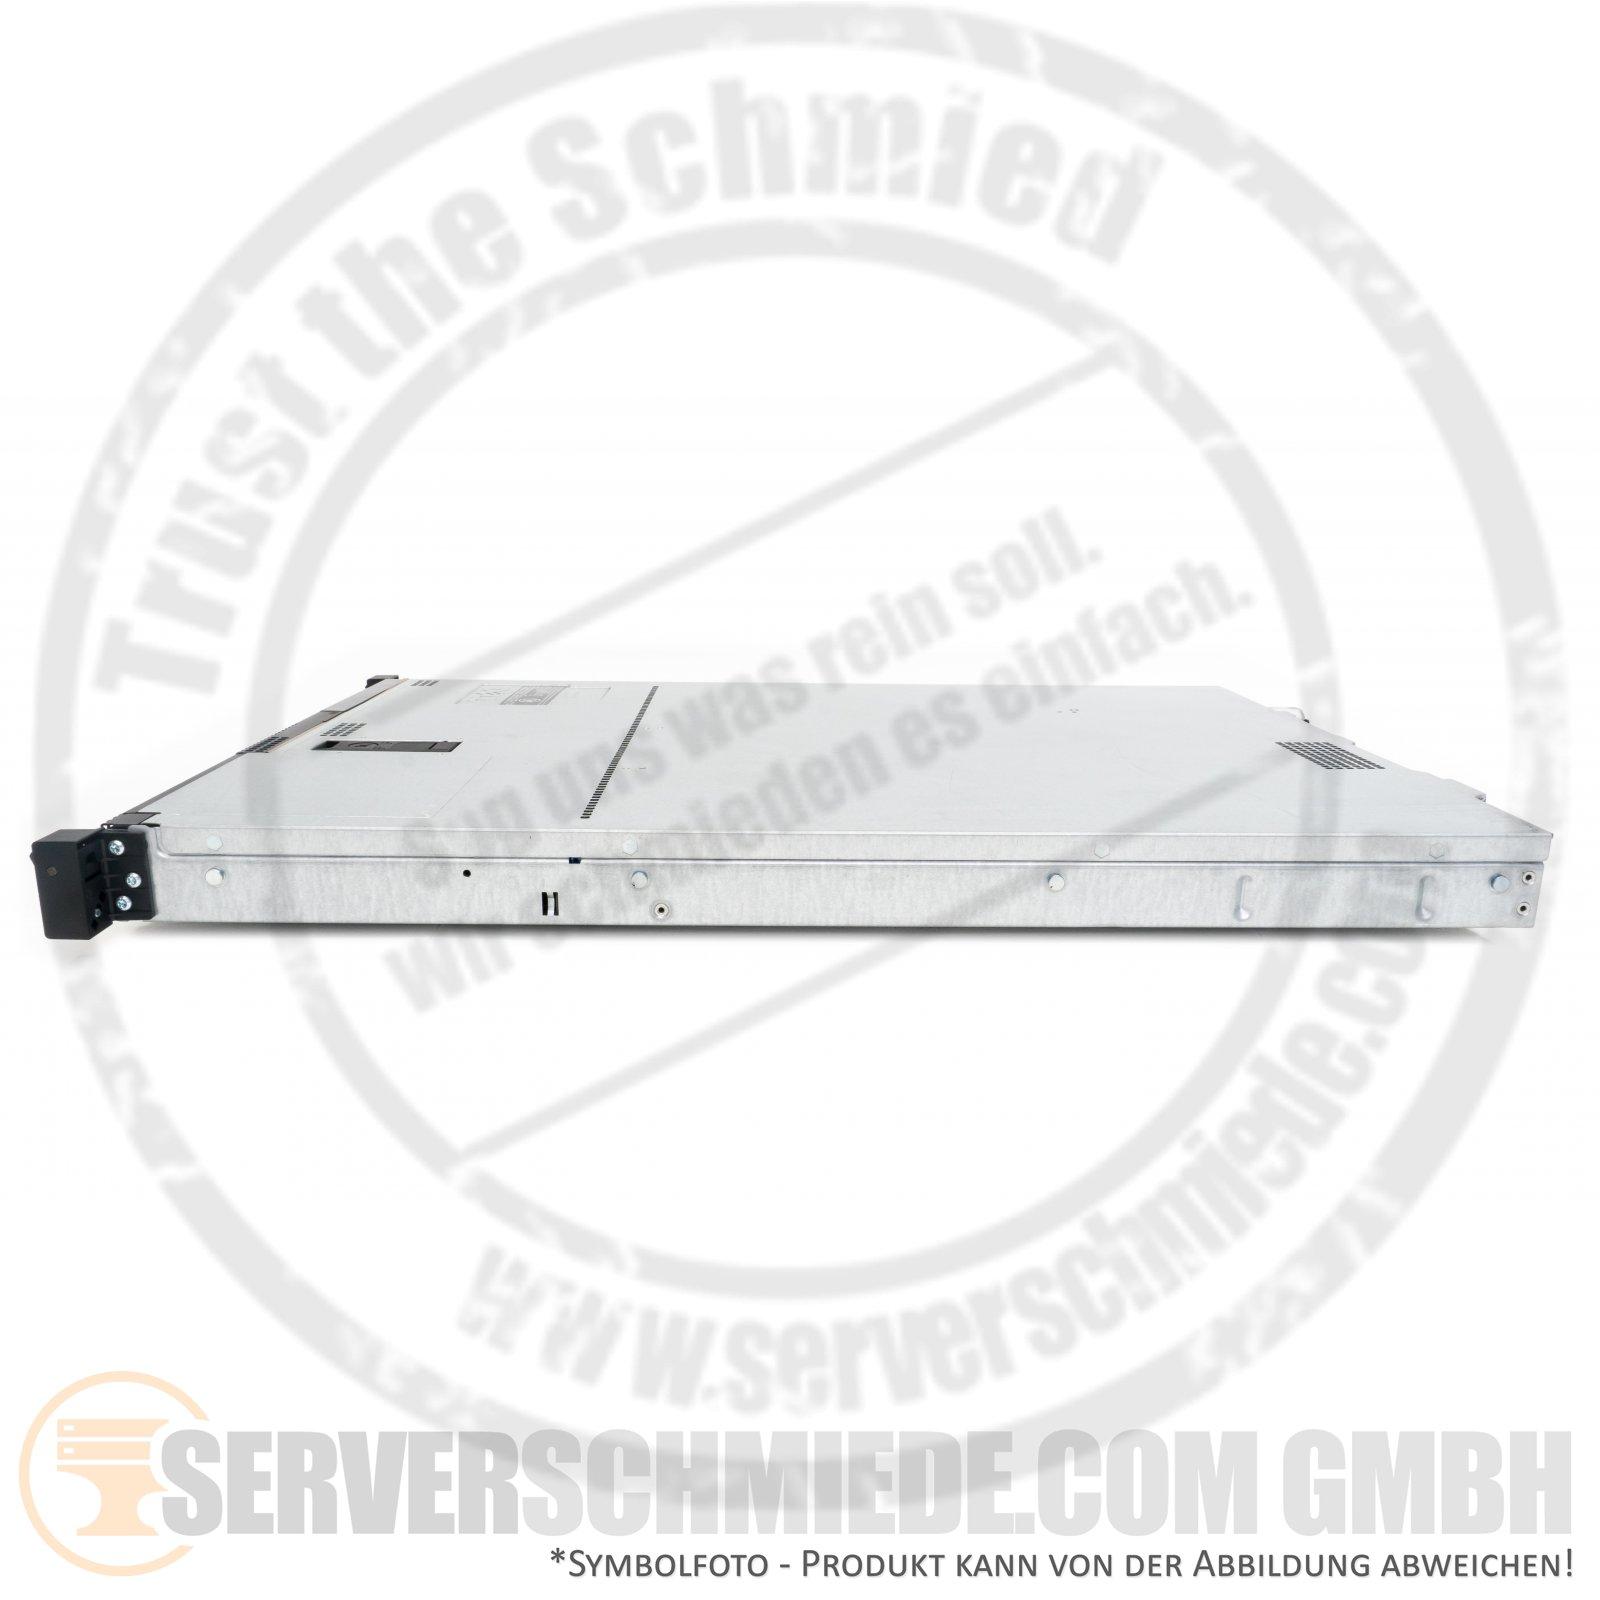 Dell-PowerEdge-r420-19-034-1u-4x-3-5-034-LFF-2x-Xeon-e5-2400-v1-v2-PERC-SAS-SATA-RAI